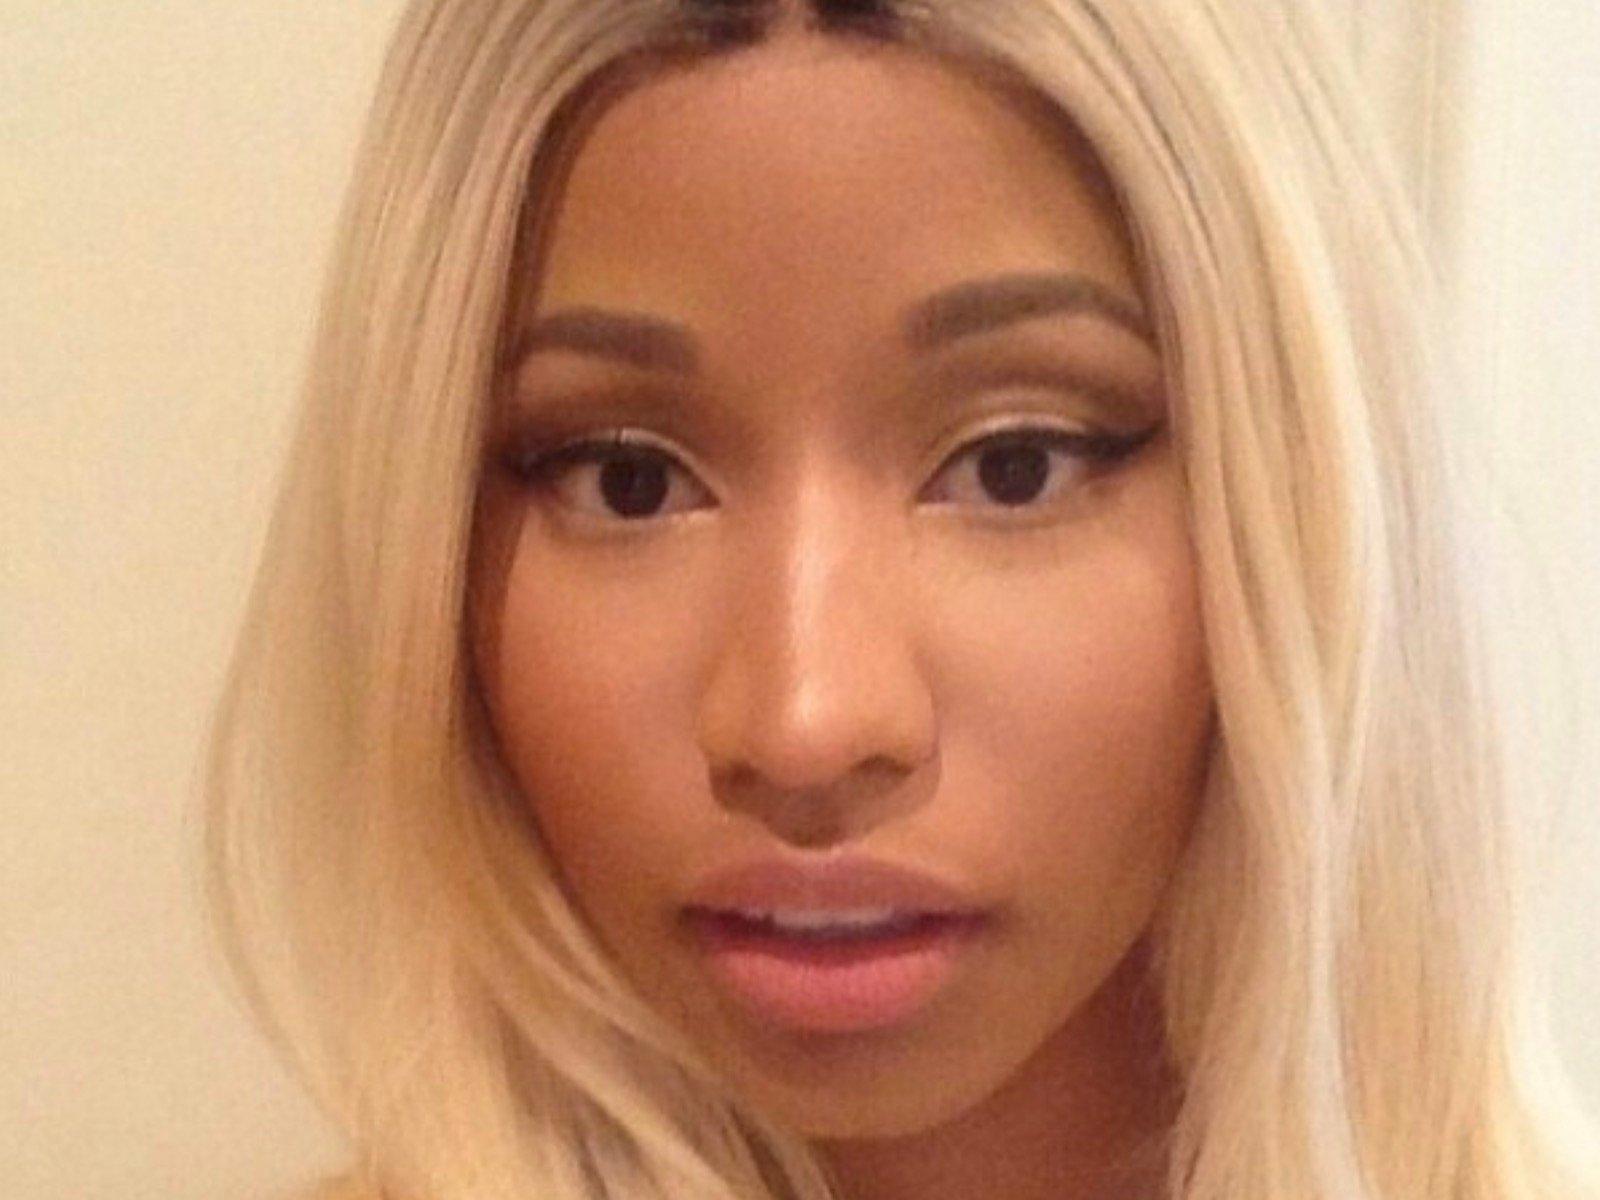 Nicki Minaj Pic 2